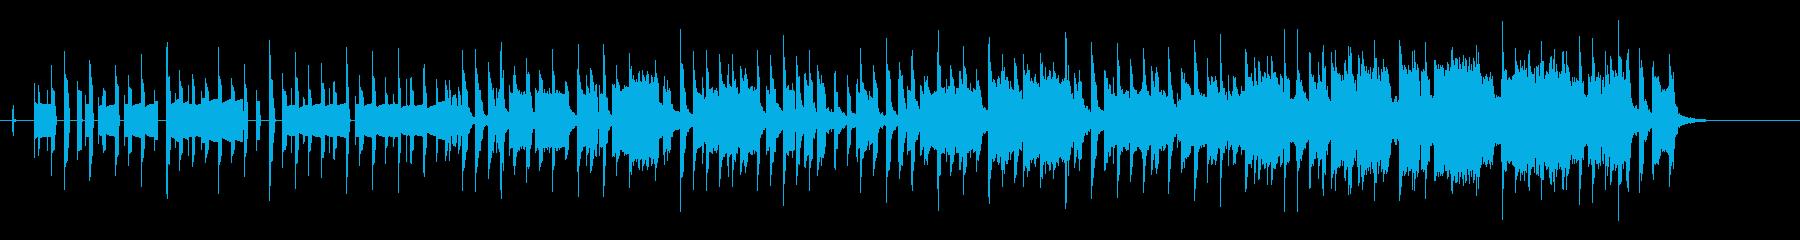 ピコピコ系ゲームのエンドロール風の楽曲の再生済みの波形